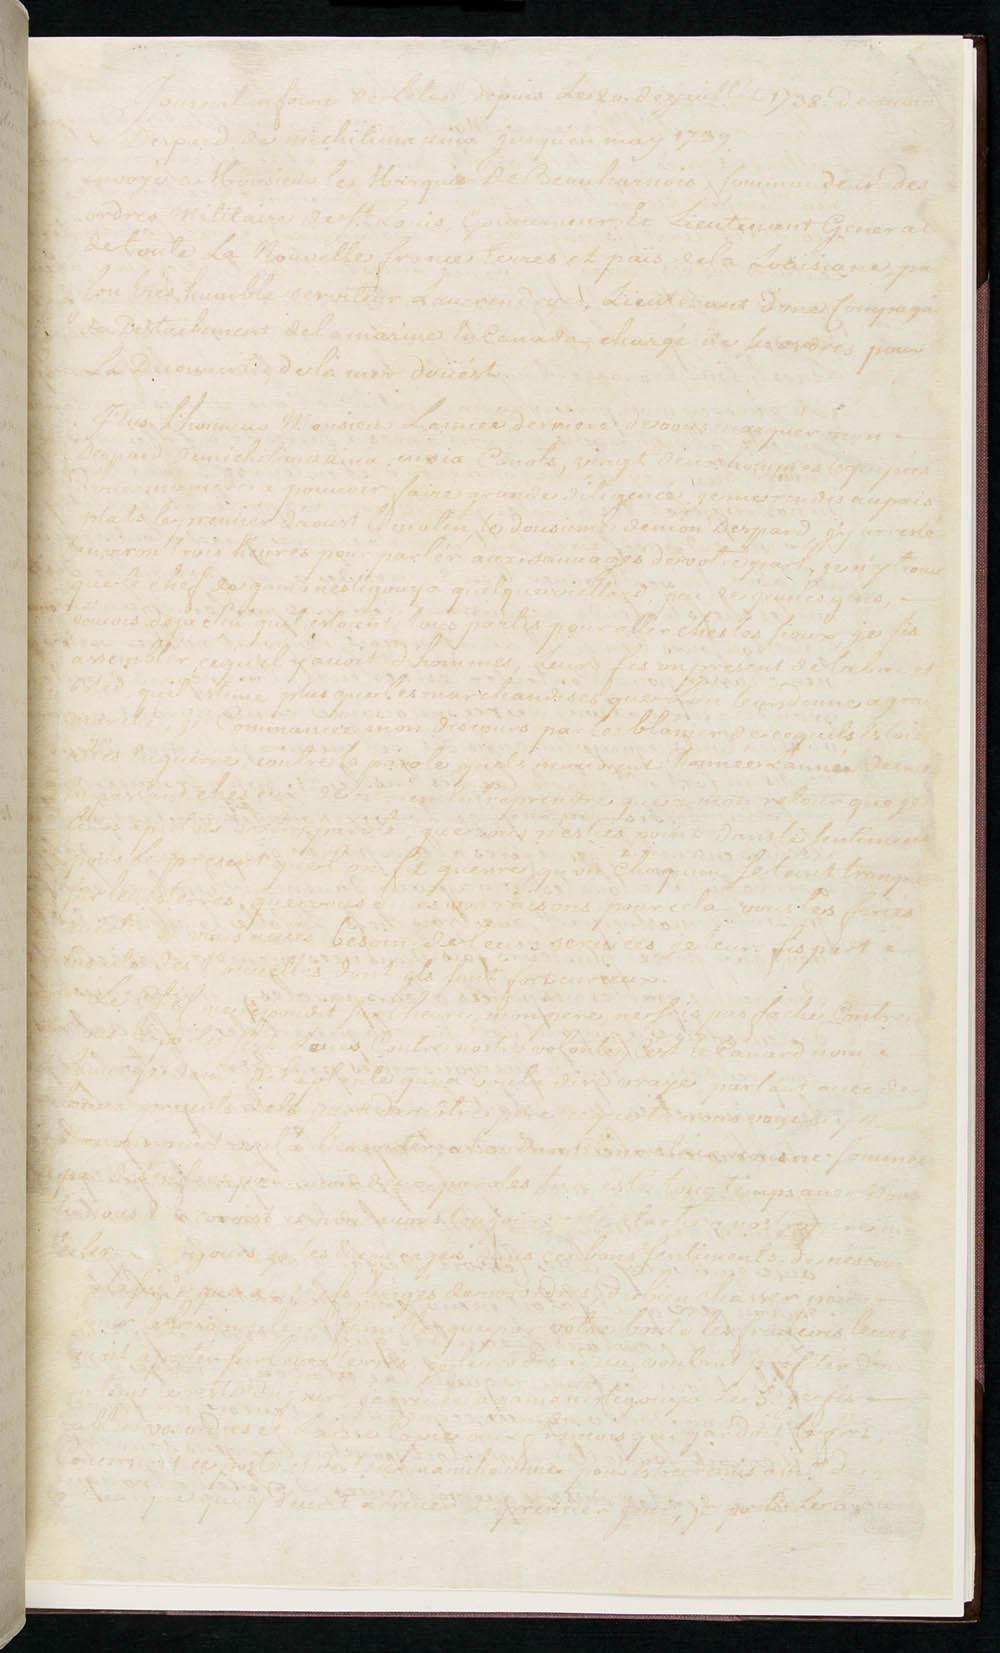 Journal d'une expédition de Pierre Gaultier de La Vérendrye dans l'Ouest, adressé à Charles de Beauharnois de la Boische, juillet 1738-mai 1739. CA ANC MG18-B12